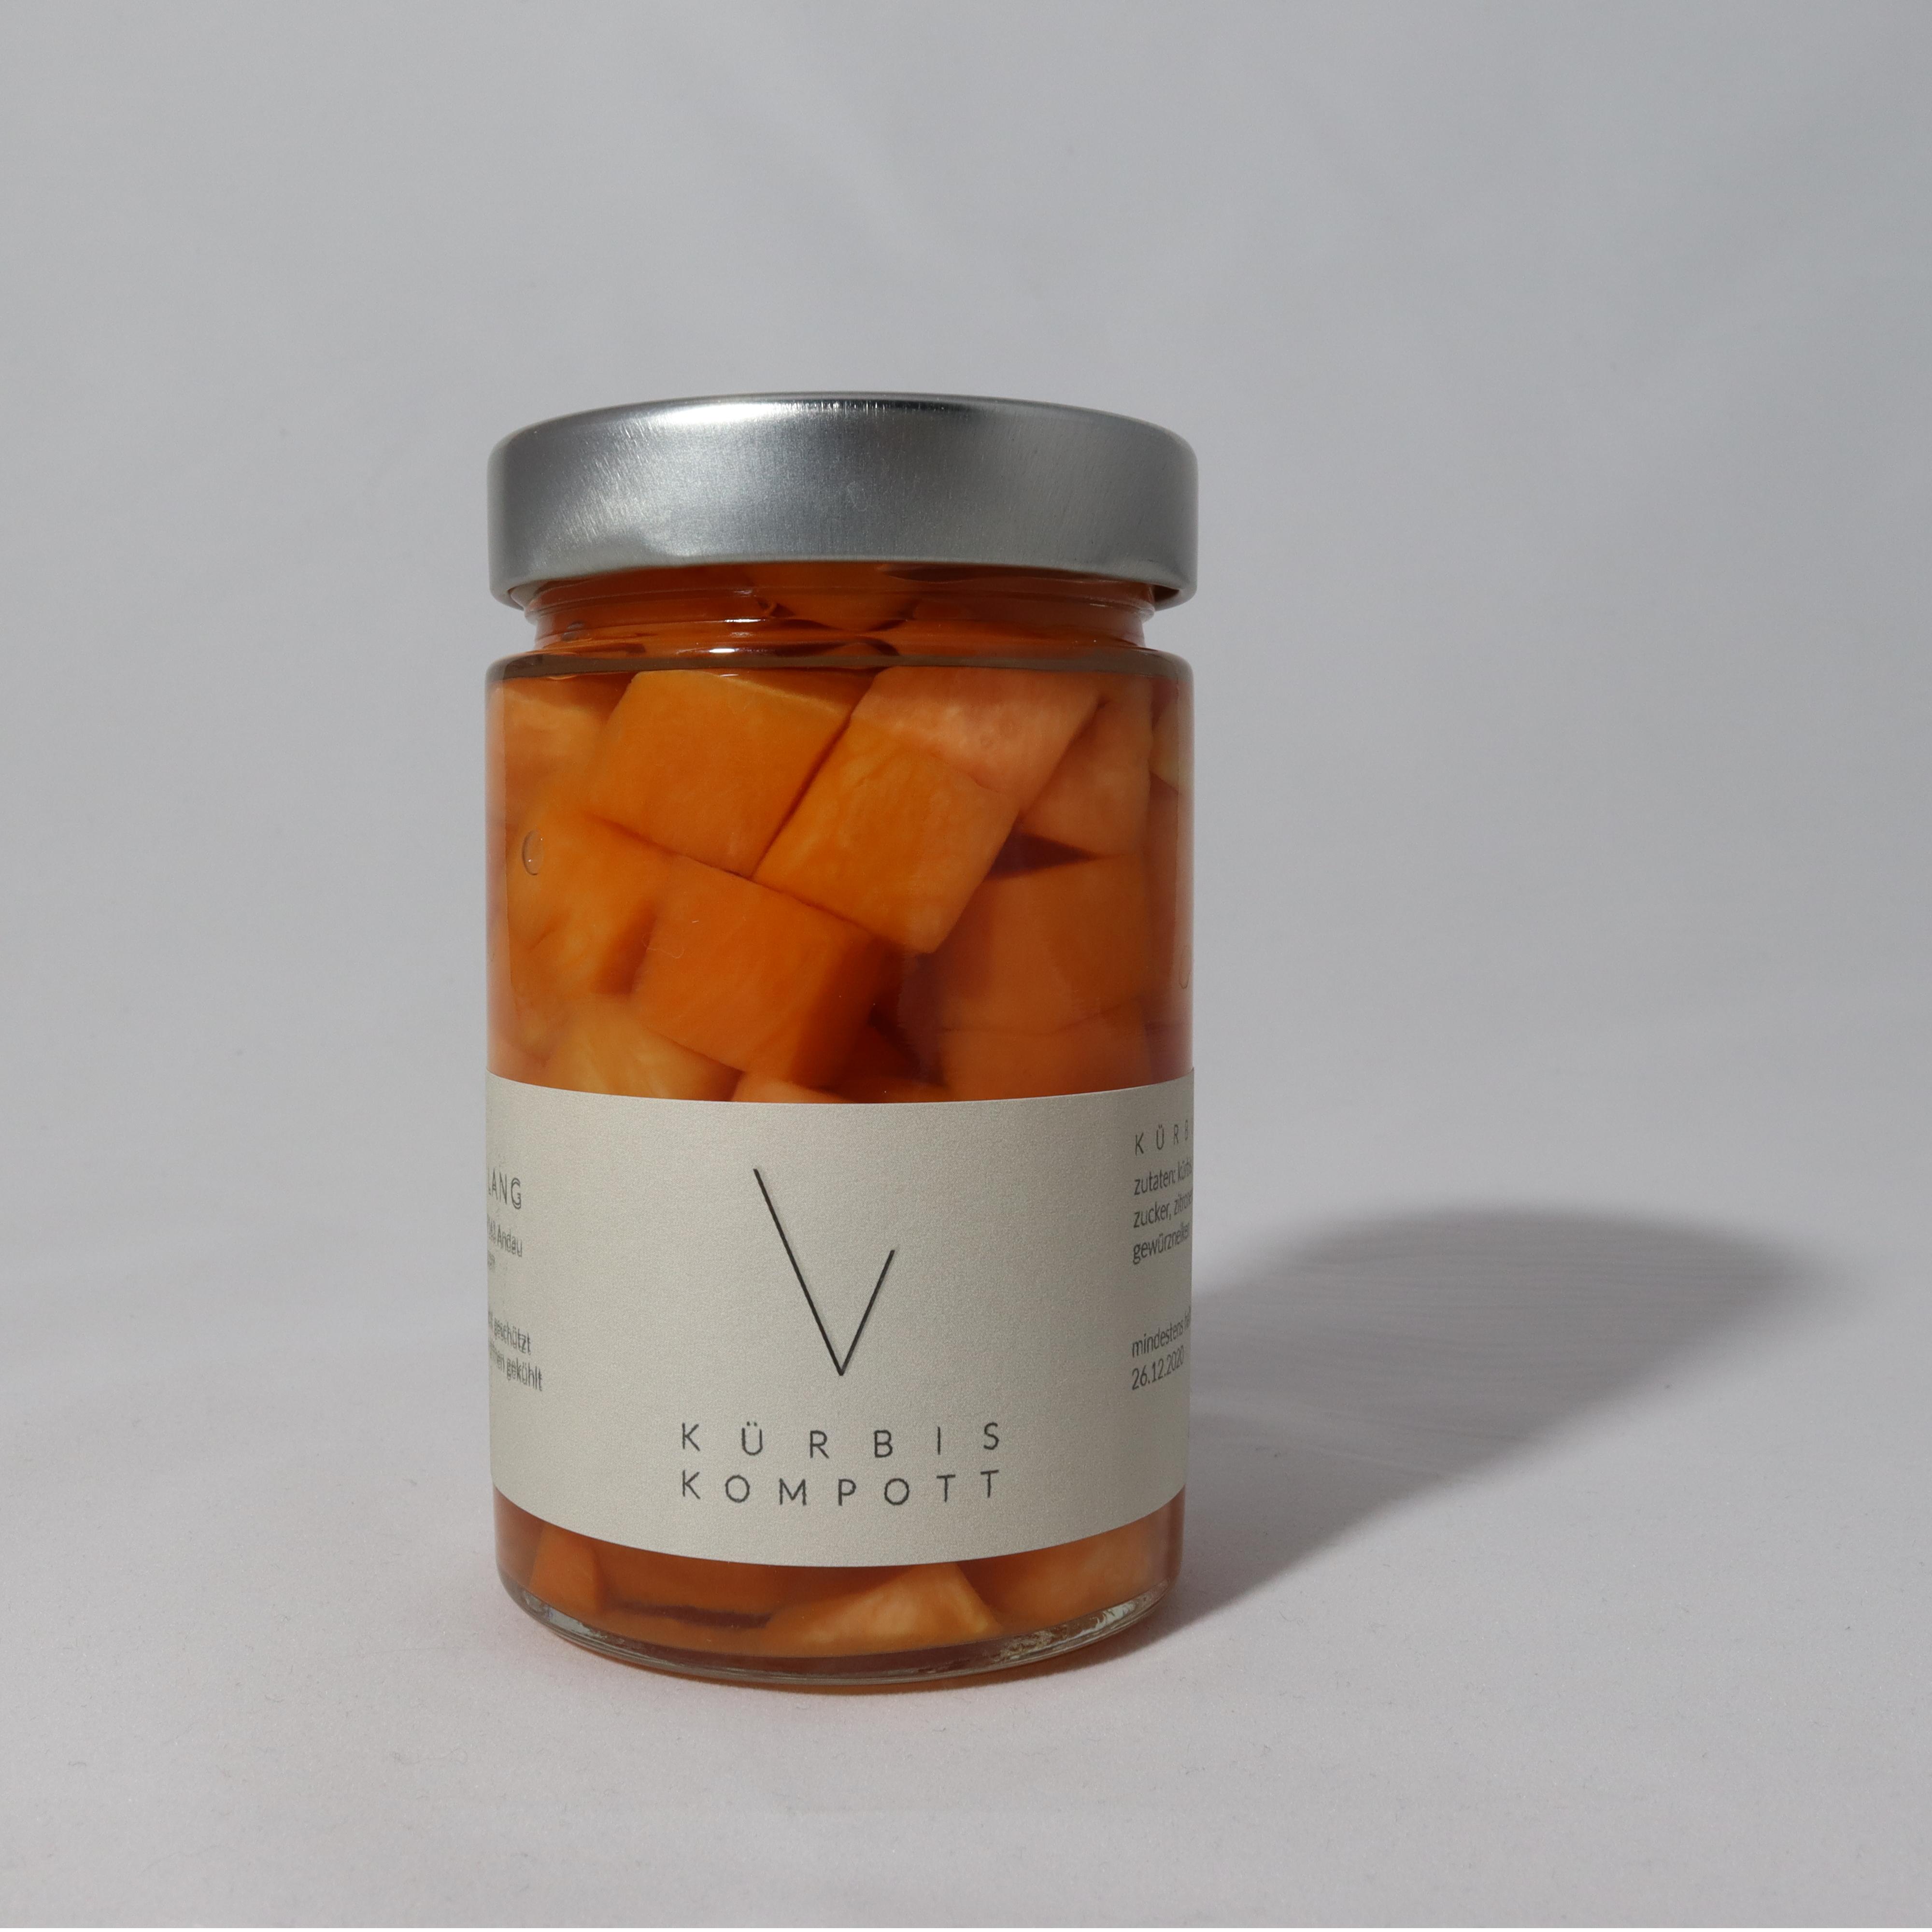 Hausgemachtes veganes Kürbis Kompott aus dem Seewinkel online kaufen Online shop Burgenland Neusiedlersee